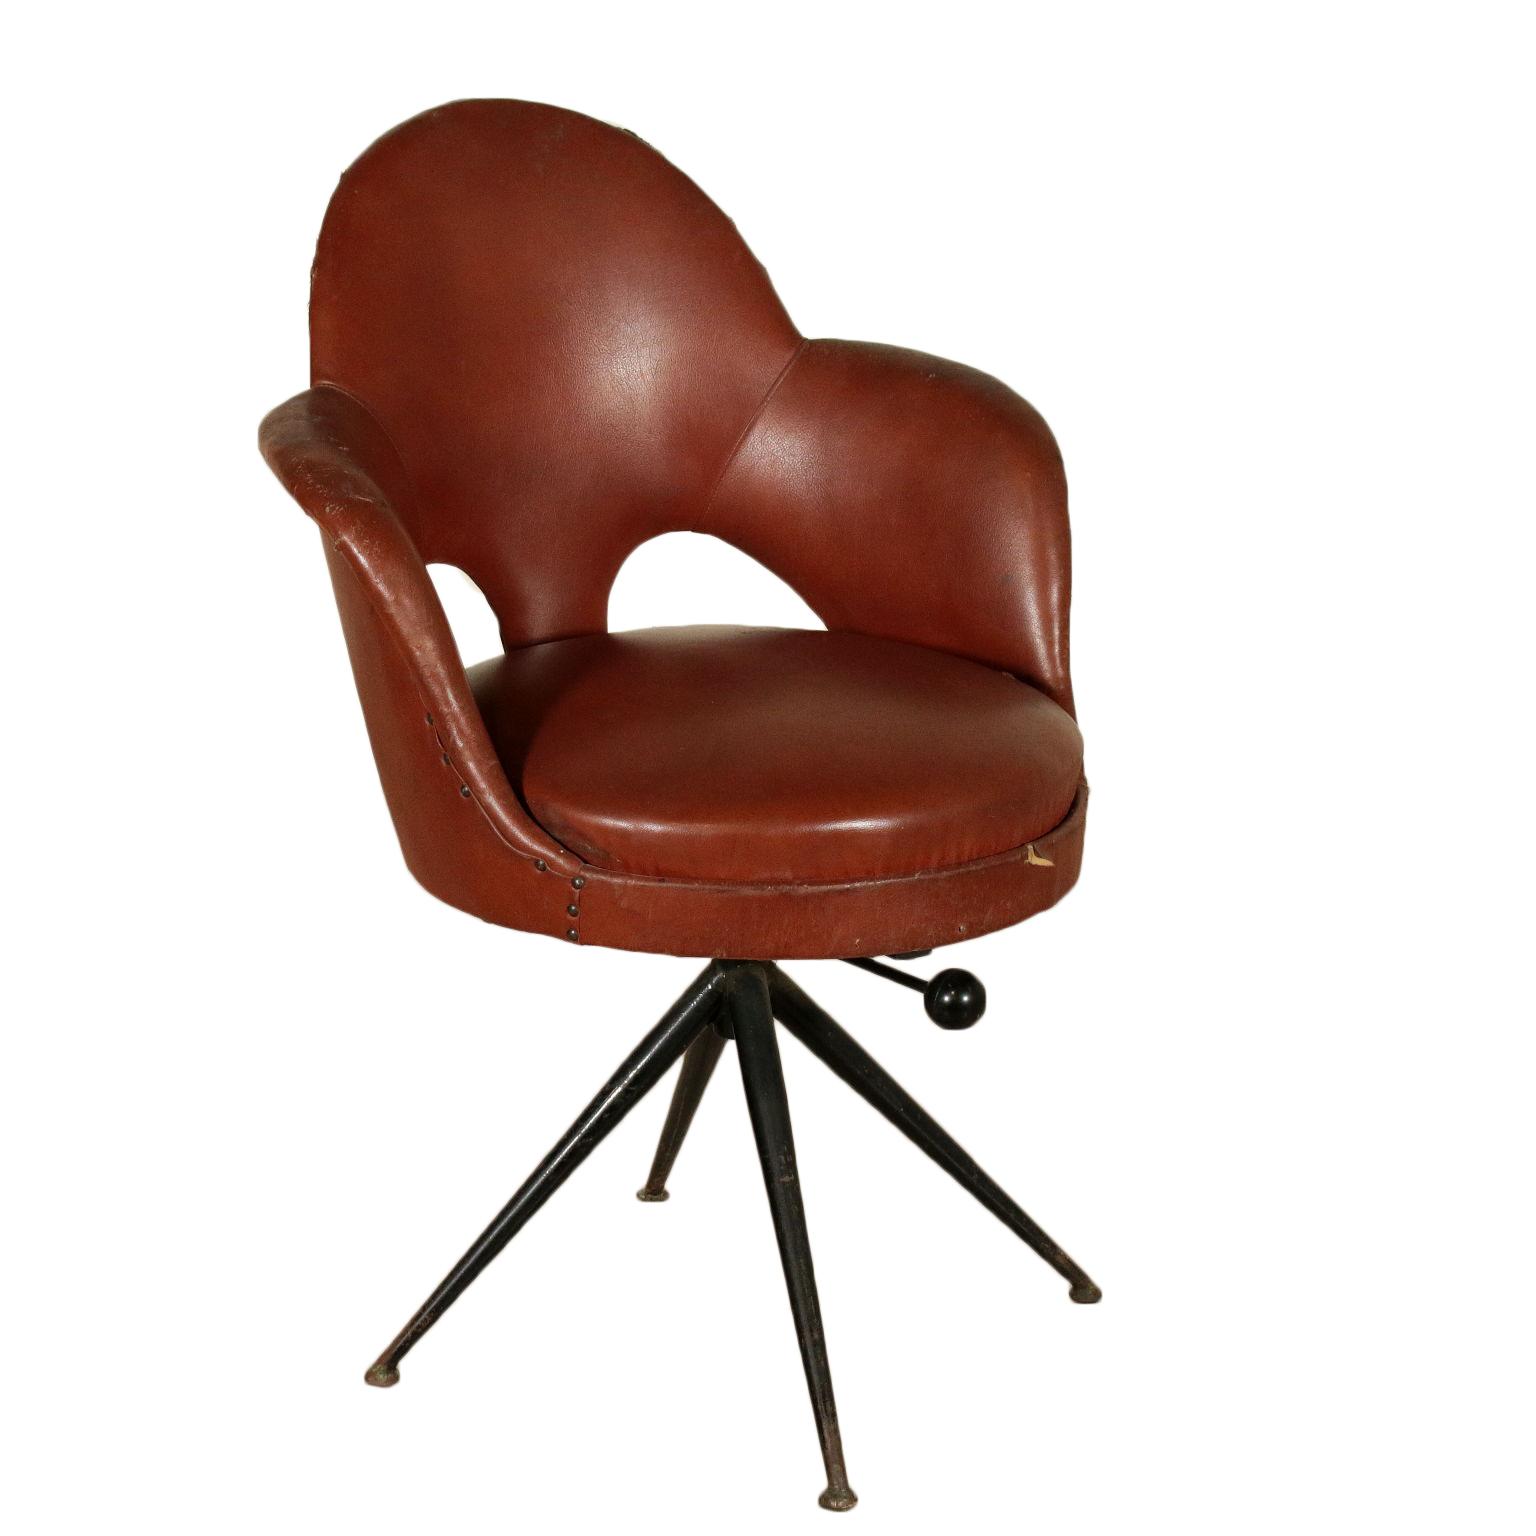 Poltroncina anni 60 sedie modernariato for Sedie a poltroncina